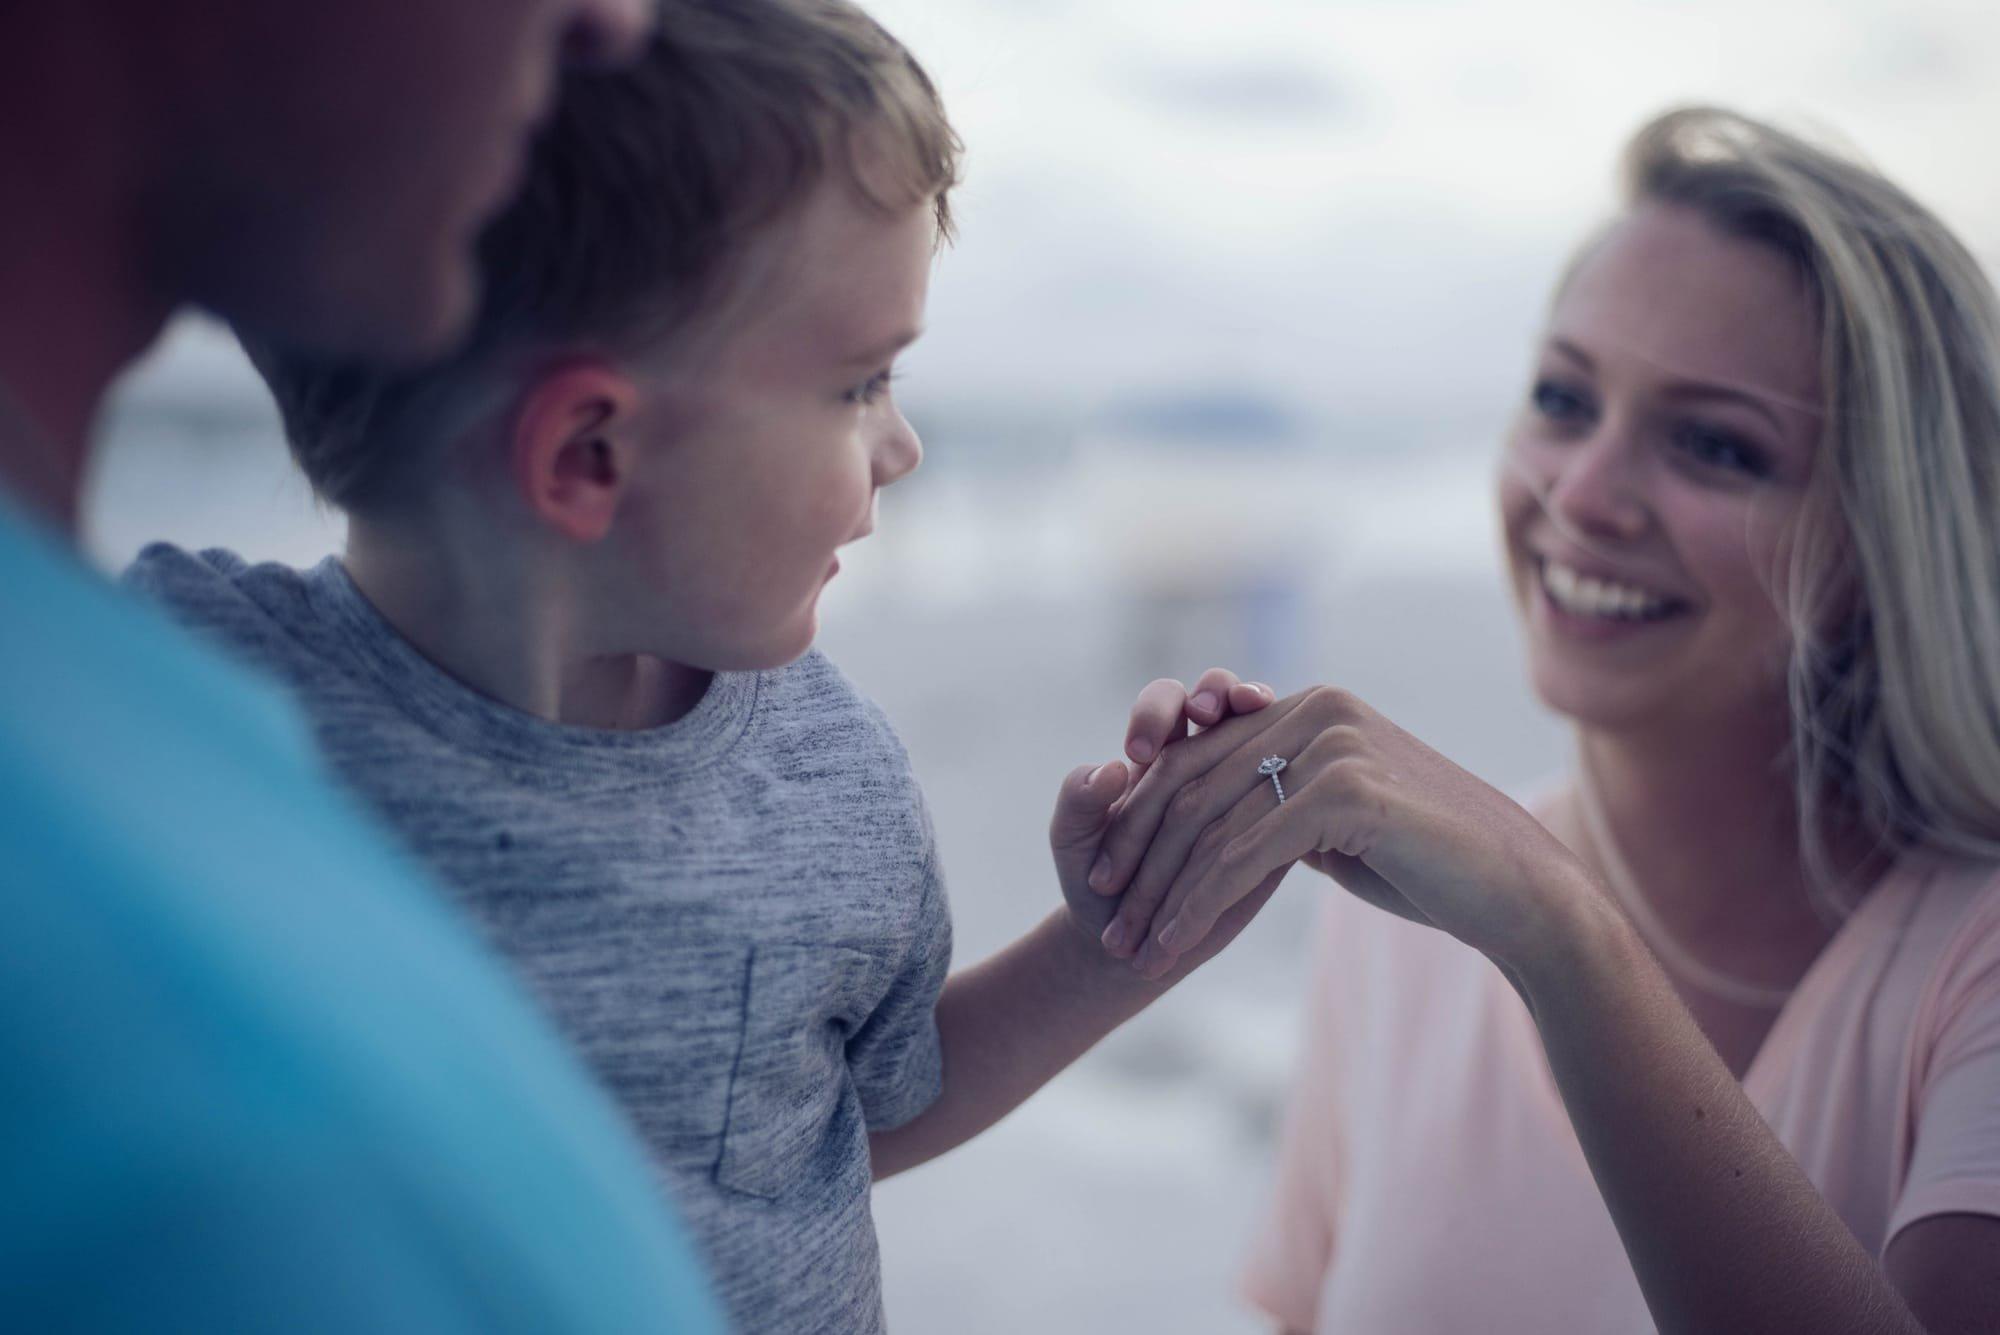 אווירה משפחתית, יחסים במשפחה, אבא, אמא, הורות צעירה, הורות למתבגרים